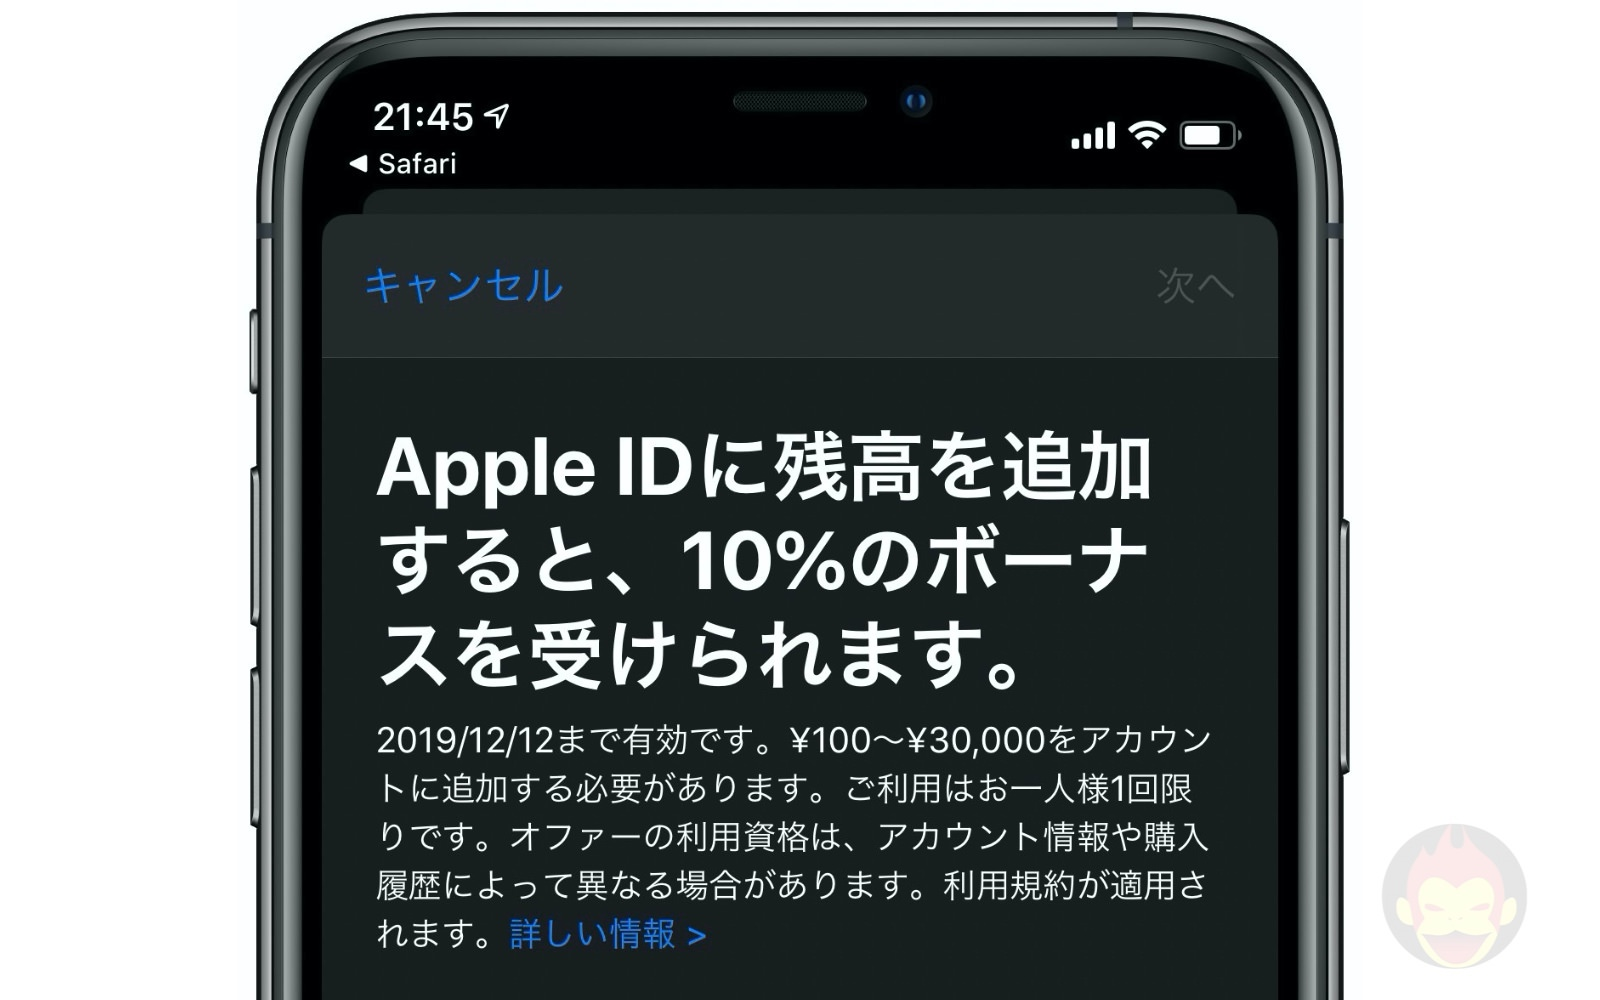 Apple ID Bonus November 2019 02